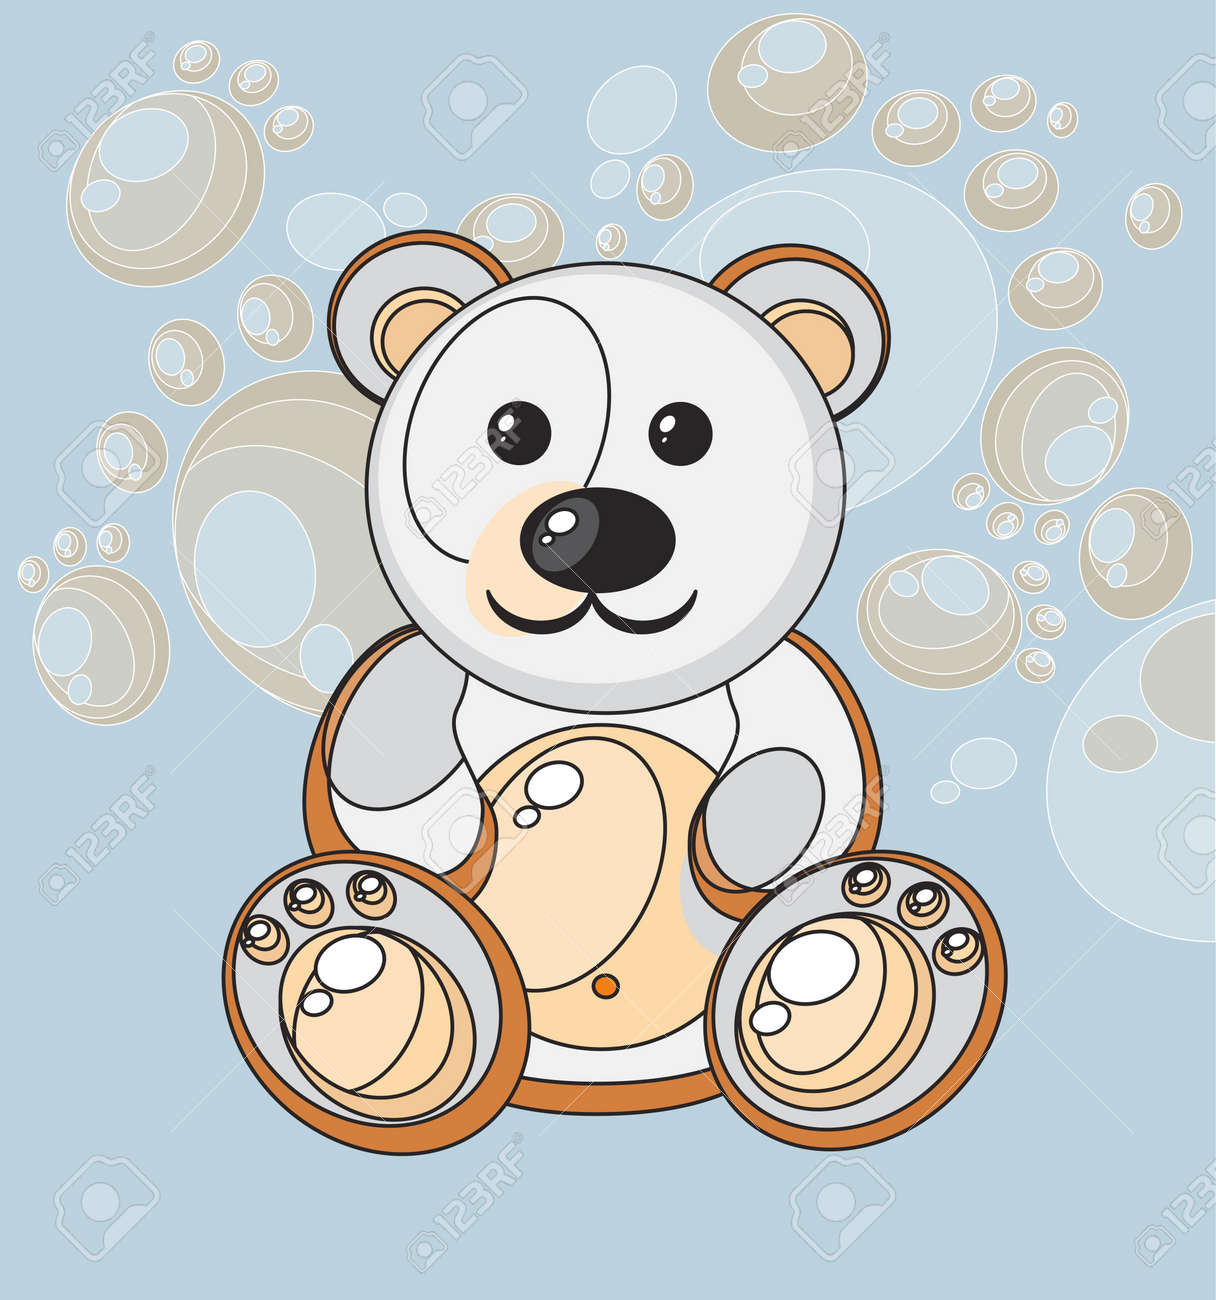 Children Toy Stock Vector - 12741546